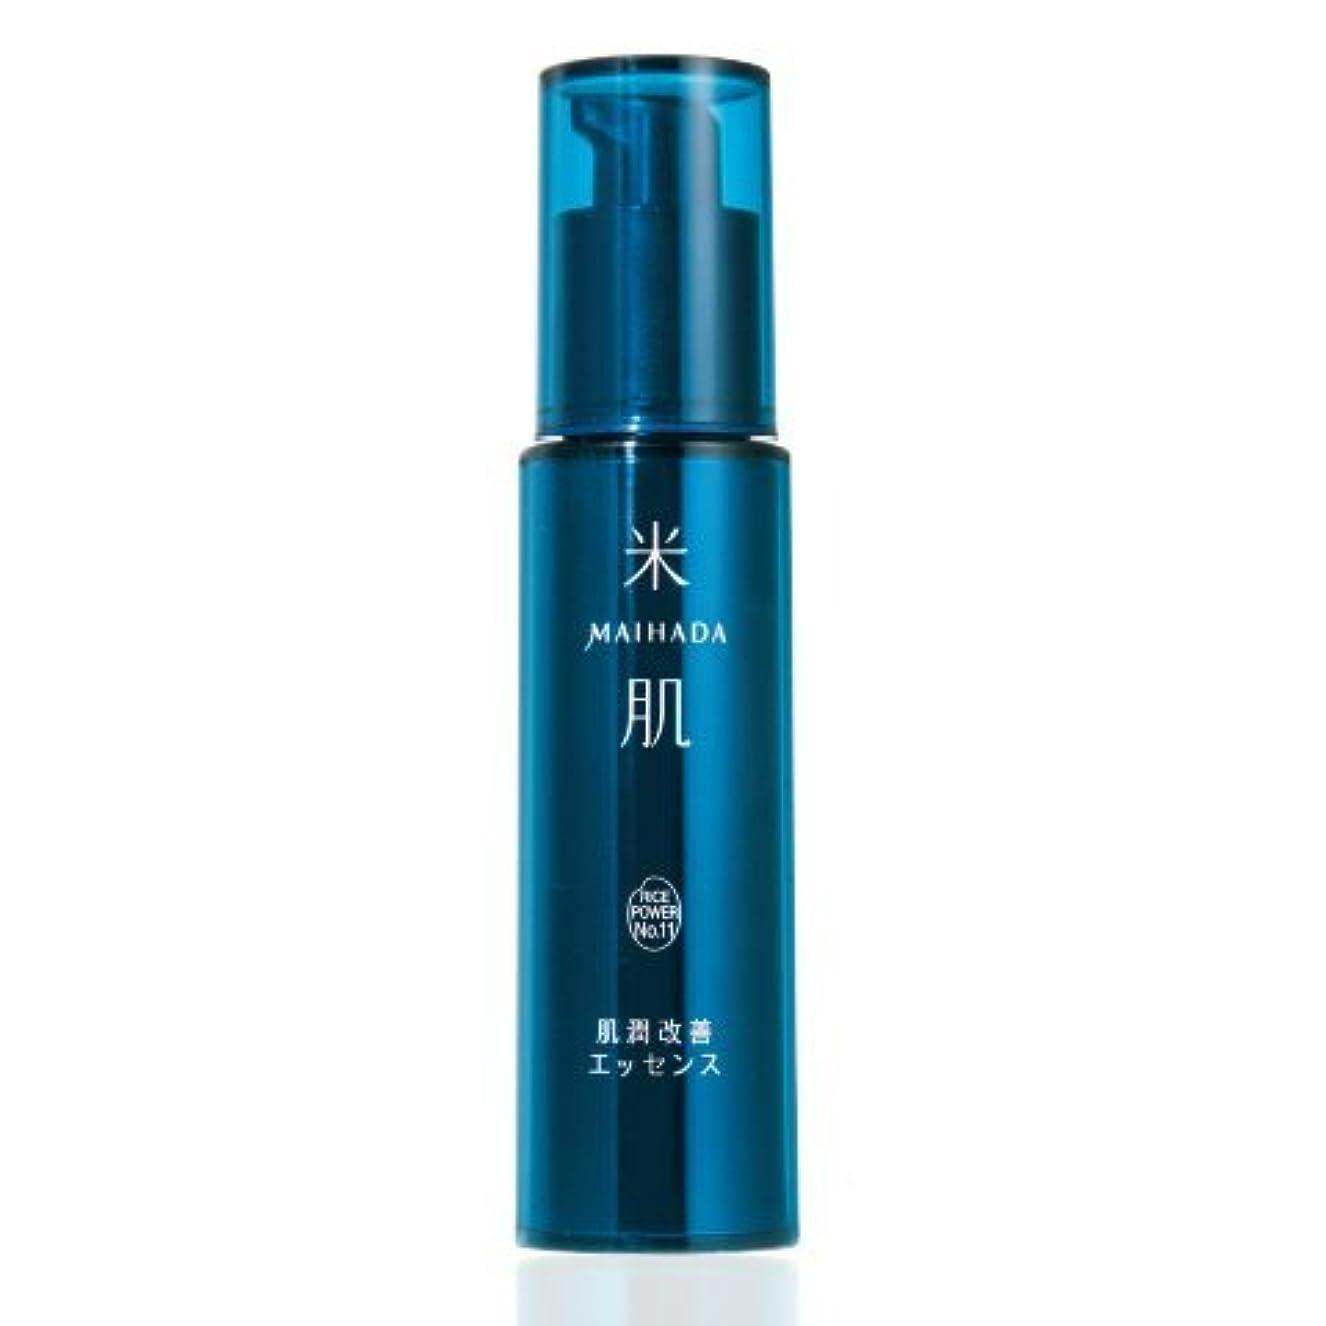 器具懸念承認する米肌(MAIHADA) 肌潤改善エッセンス コーセー KOSE